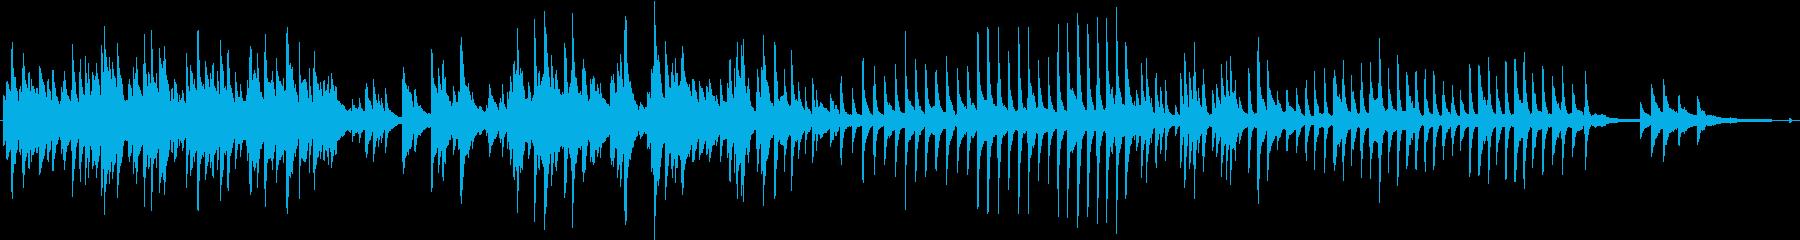 四季 水 稲穂 心の情景 ■ ピアノソロの再生済みの波形